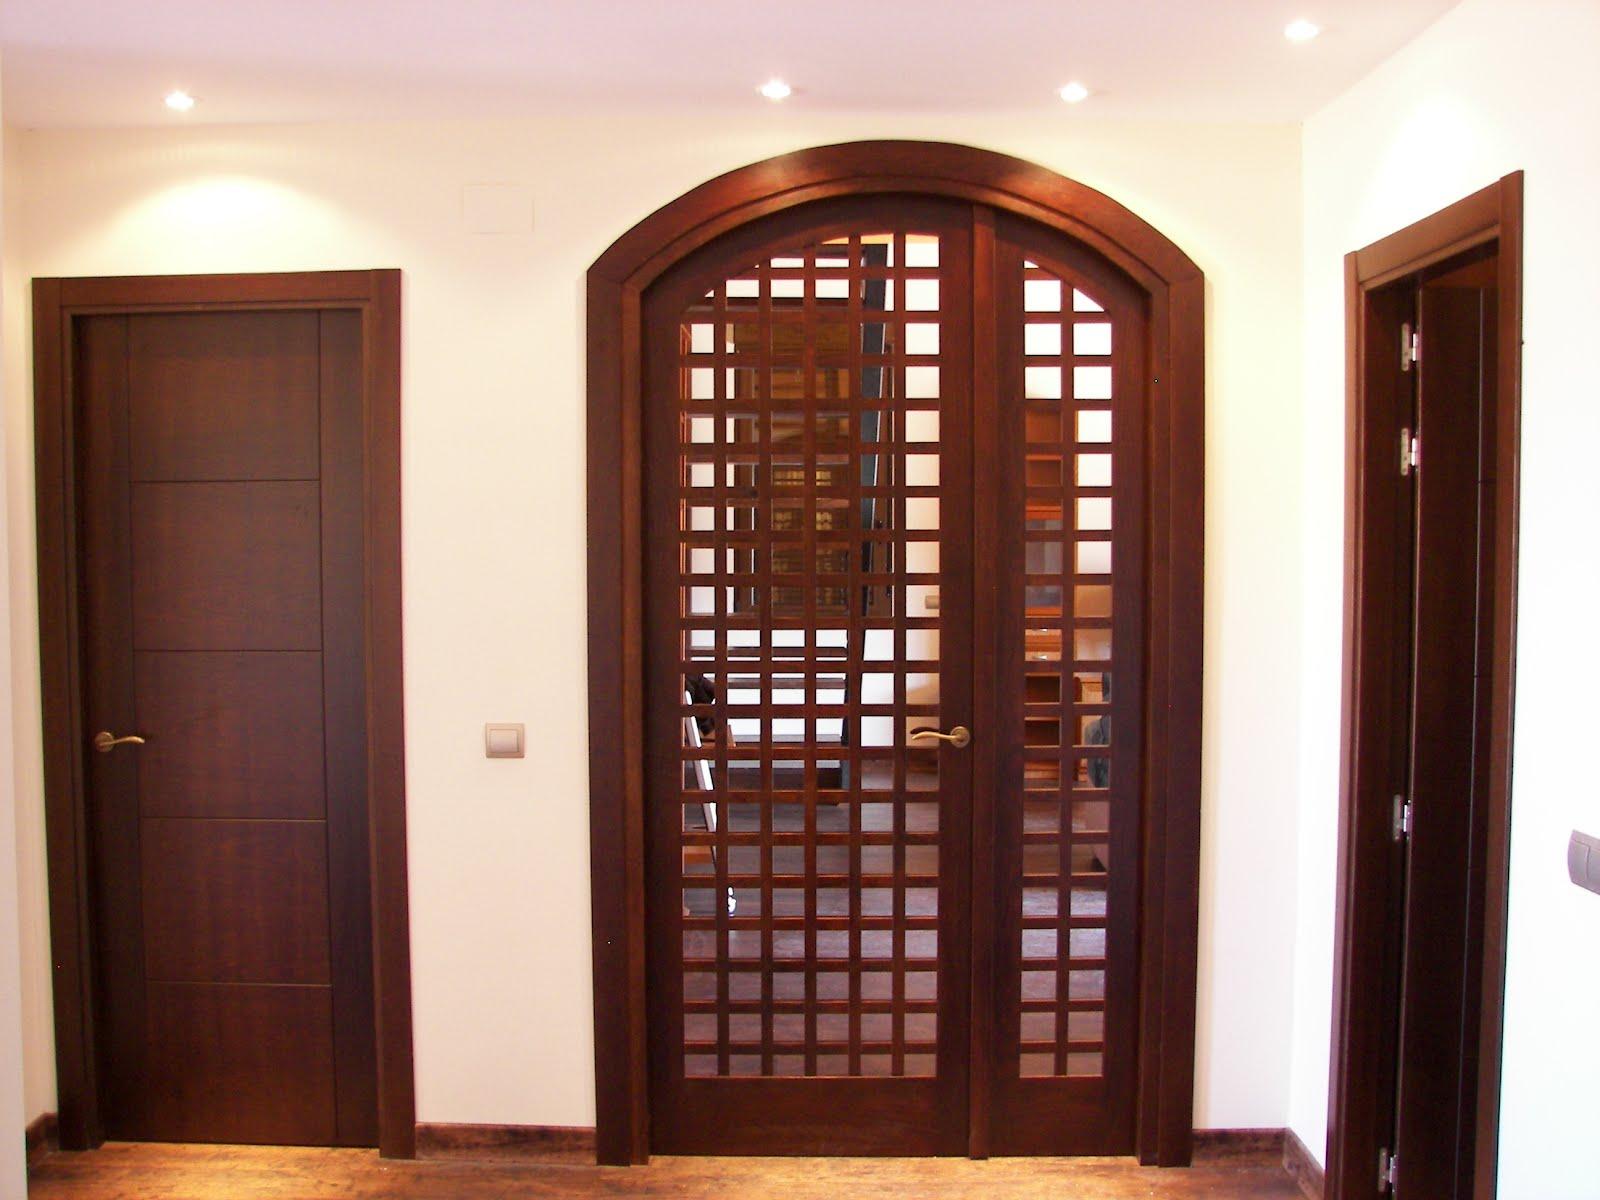 Carpinteria viosca roda puerta en arco con celosia for Arcos de madera para puertas